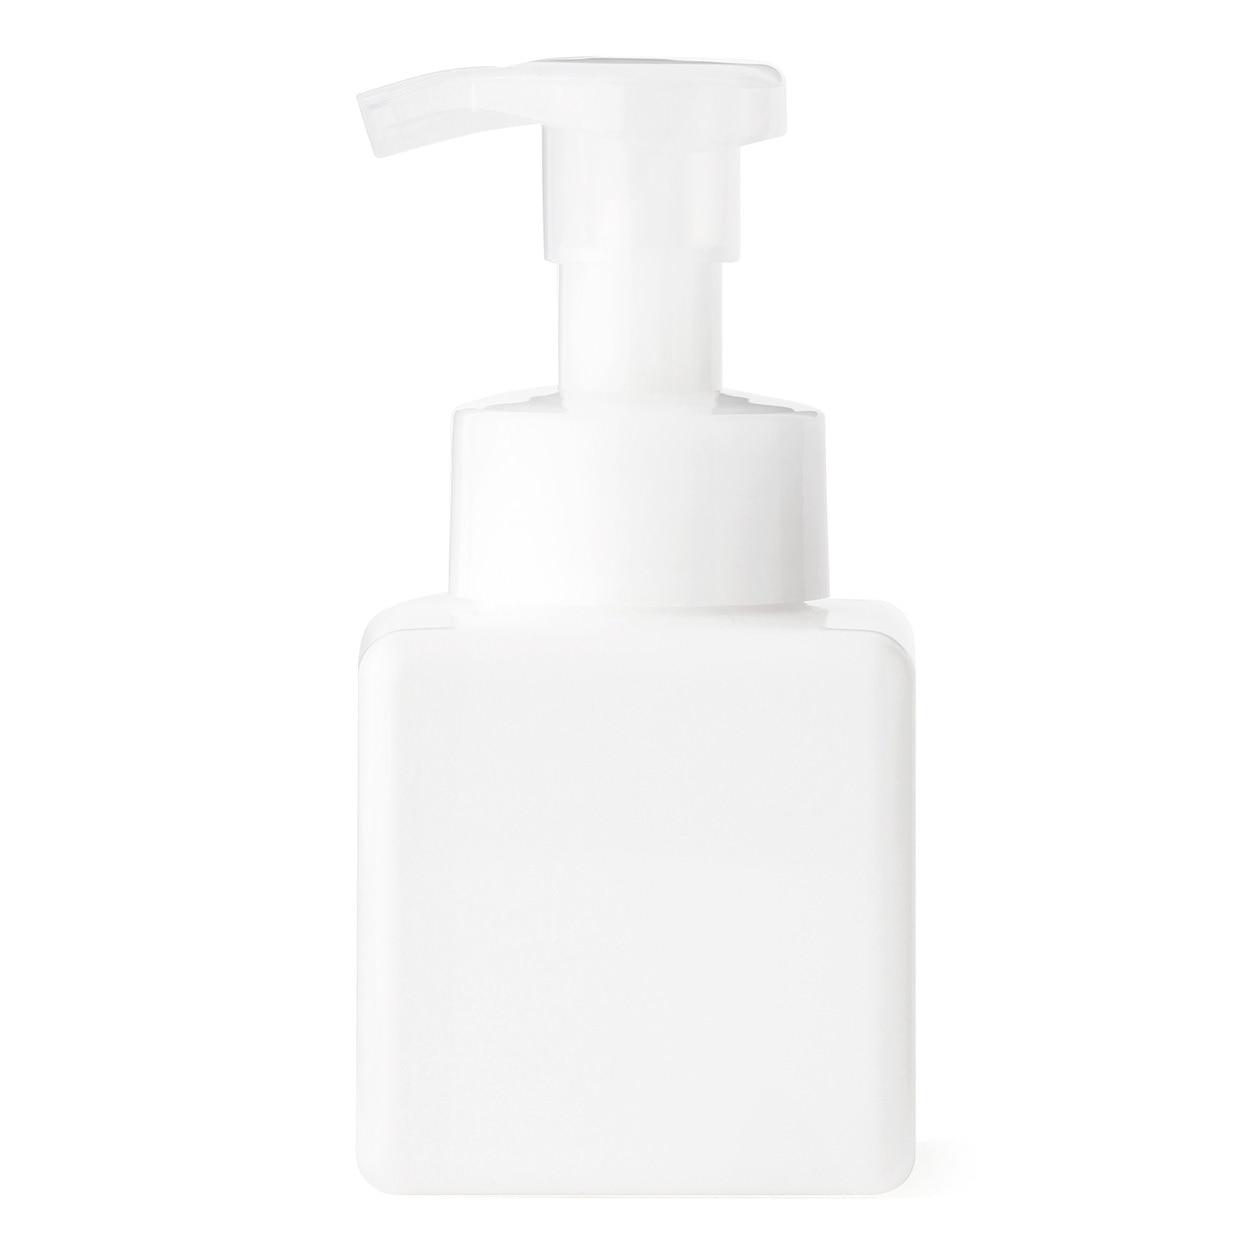 PET詰替ボトル・泡タイプ・クリア・250ml用 ホワイト